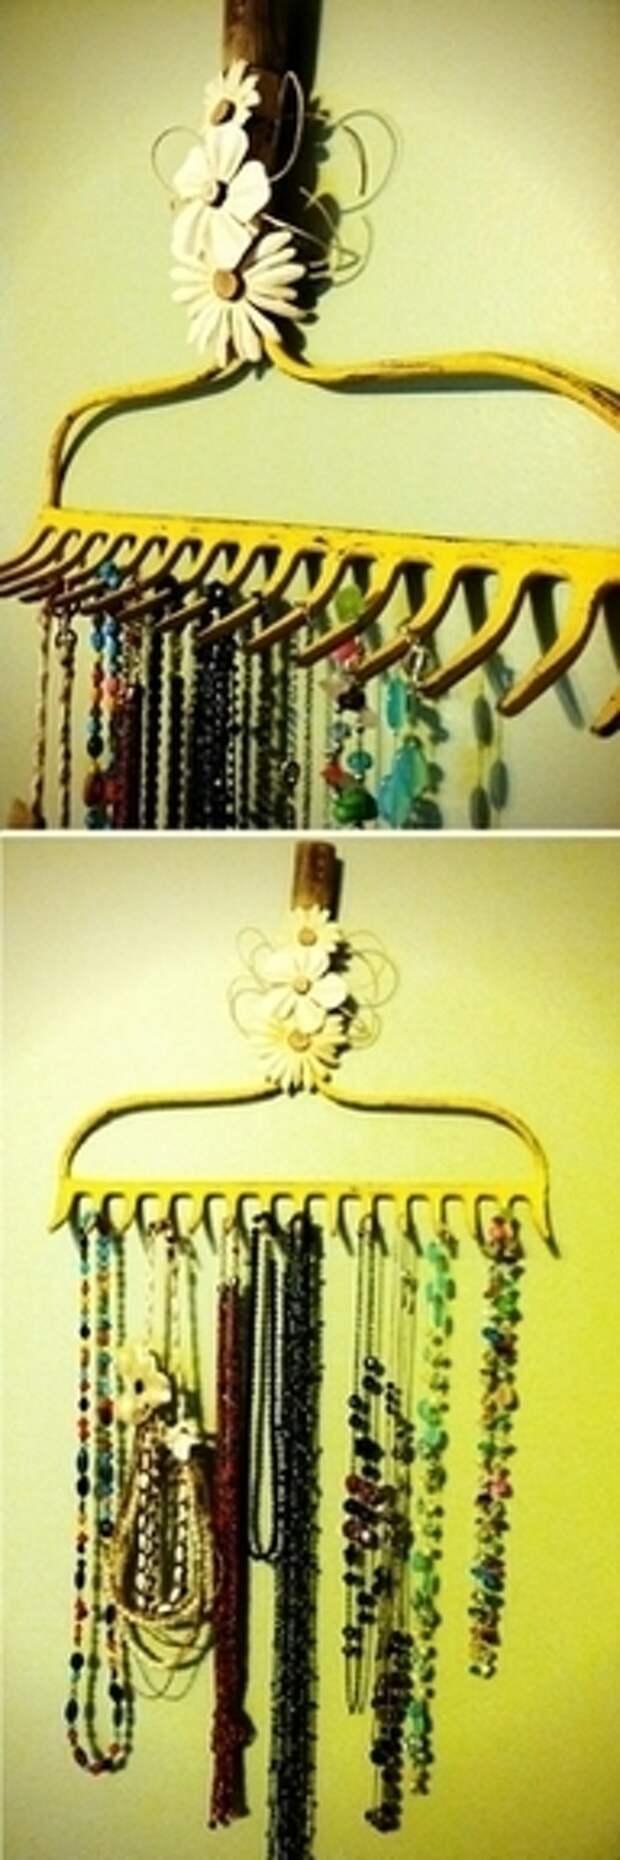 Необычное применение обычных вещей — идеи декора интерьера